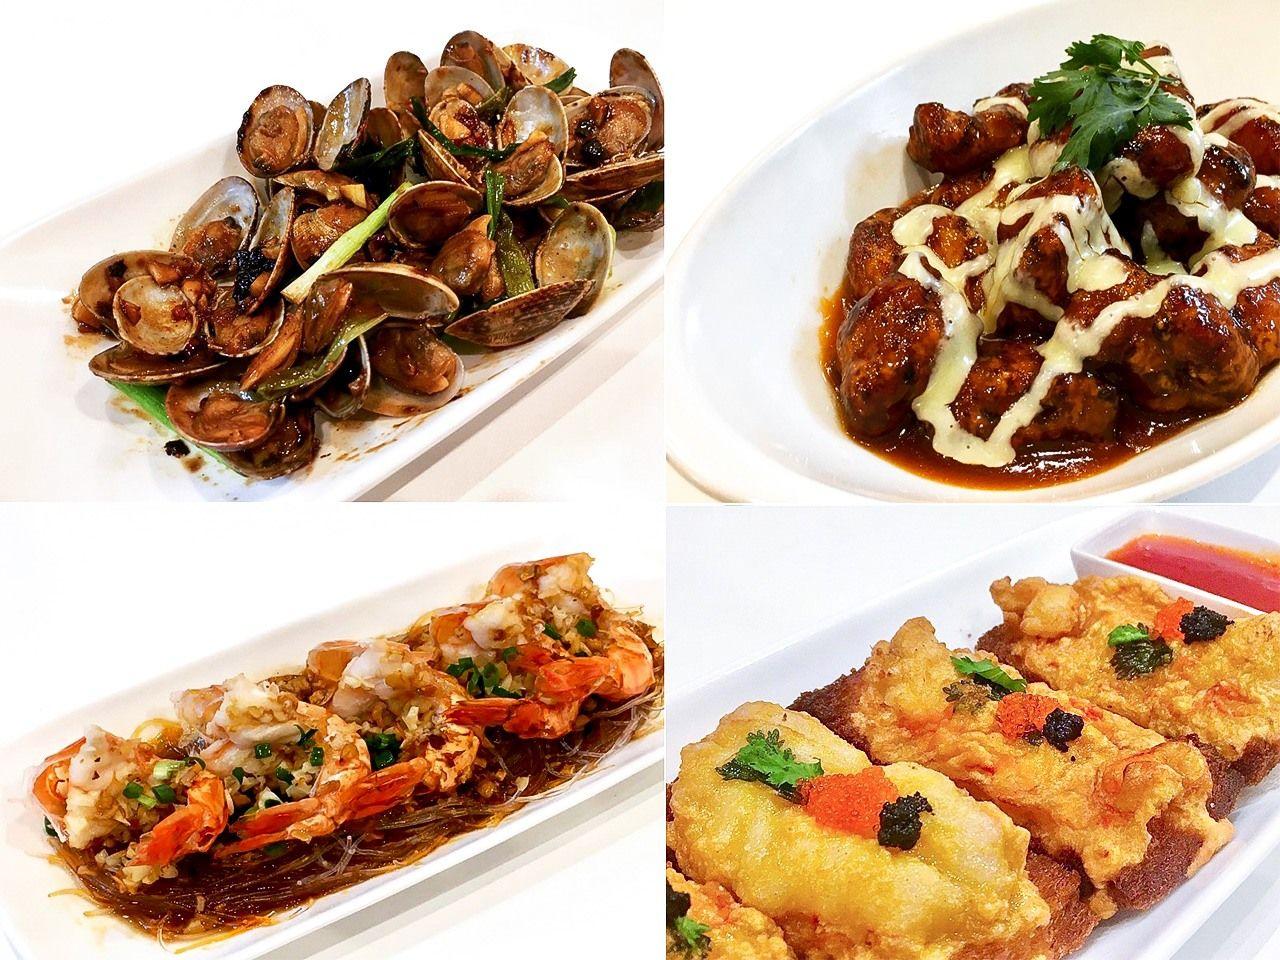 火炎が提供する定番香港料理の数々。例えば「 豆豉炒蜆(アサリのトウチ炒め)」や「粉絲蒸大蝦(春雨と蒸しエビ)」など。他に創作メニューもある(筆者撮影)